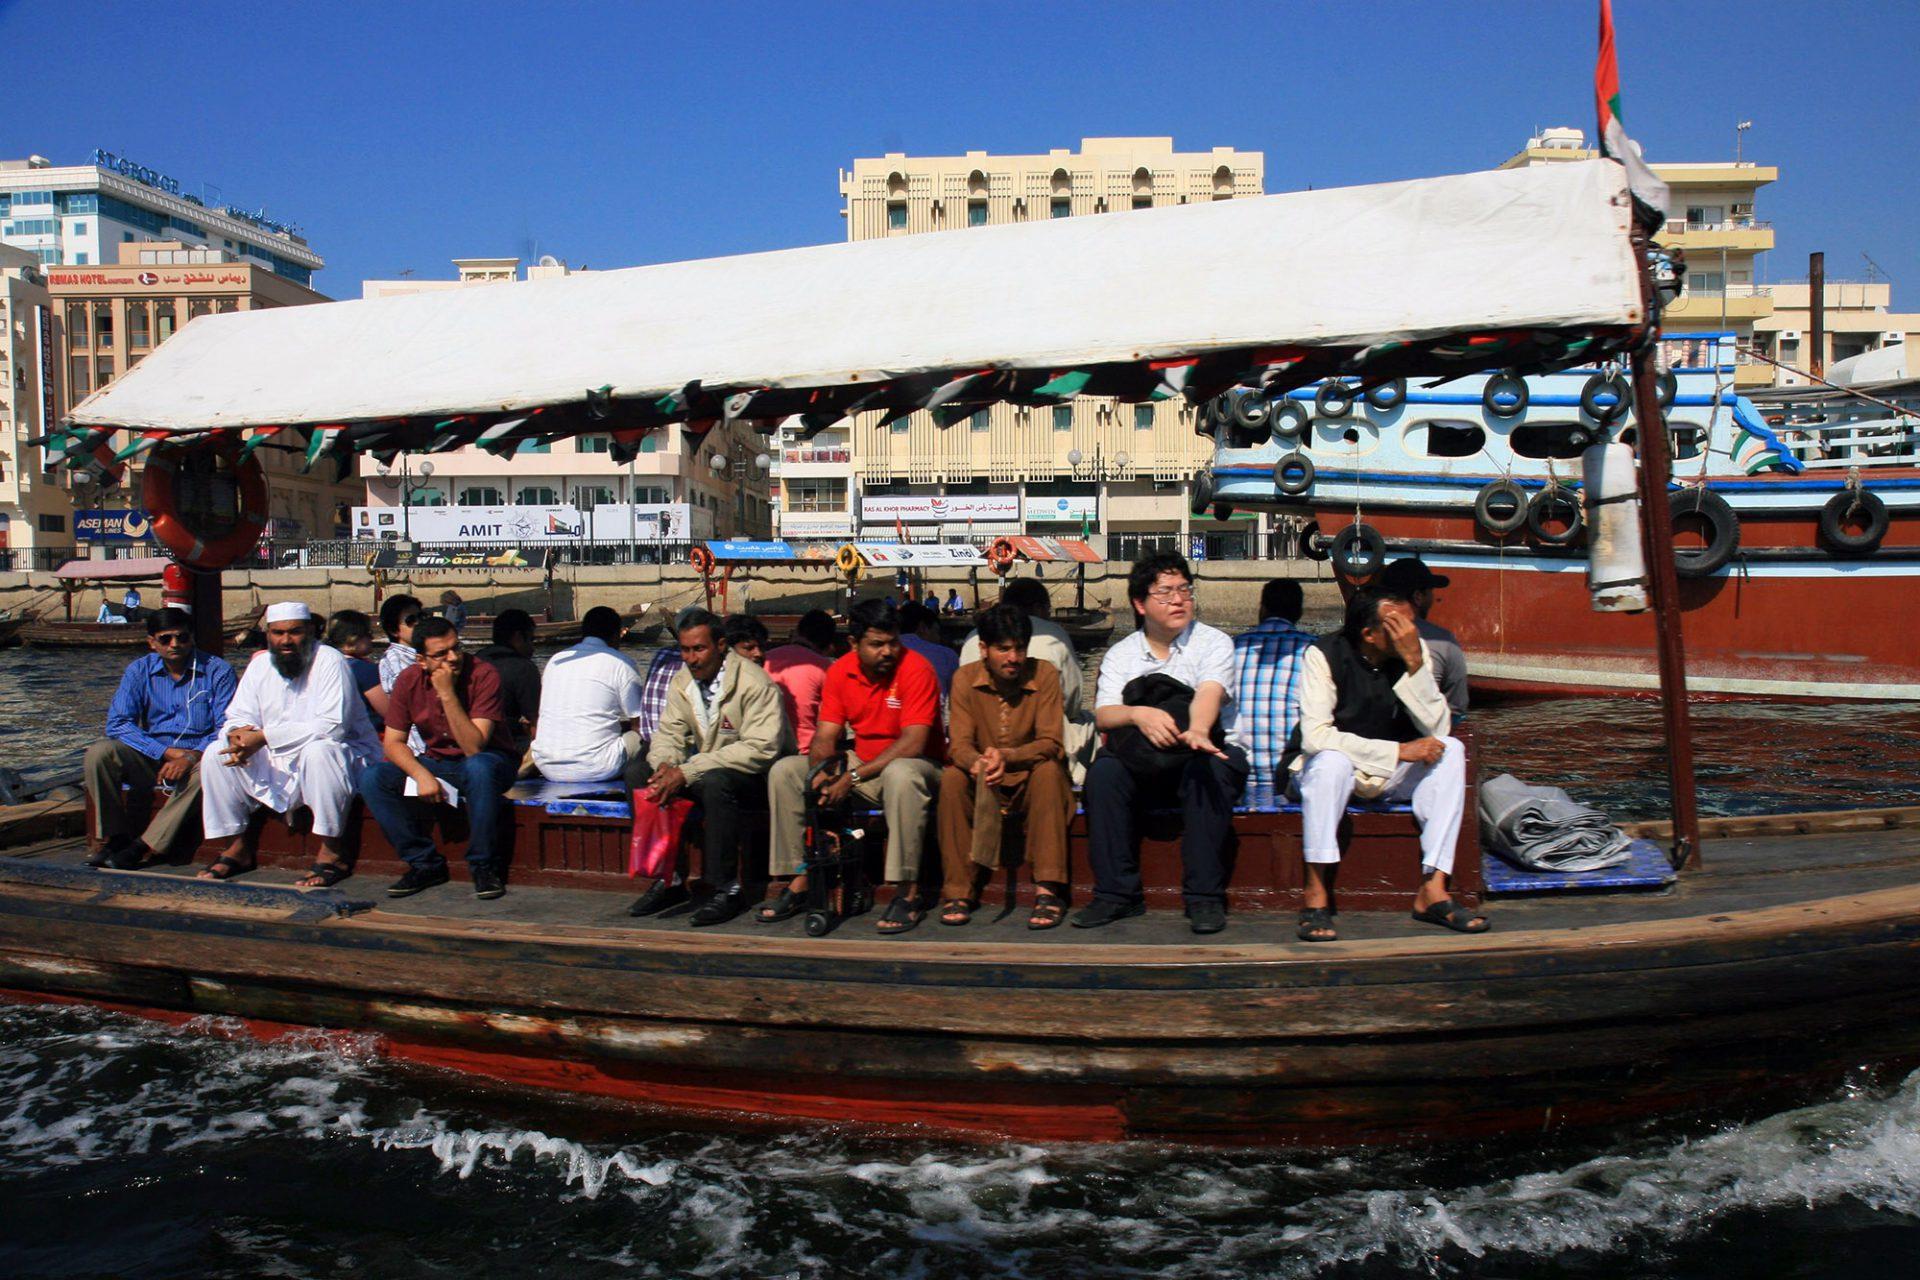 Abras. Es sitzt sich gut auf den hölzernen Wassertaxis, die unentwegt zwischen den Ufern pendeln. Etwa 20 Personen finden auf der sonnengeschützen Bank Platz – immer umweht von einer leichten Brise.